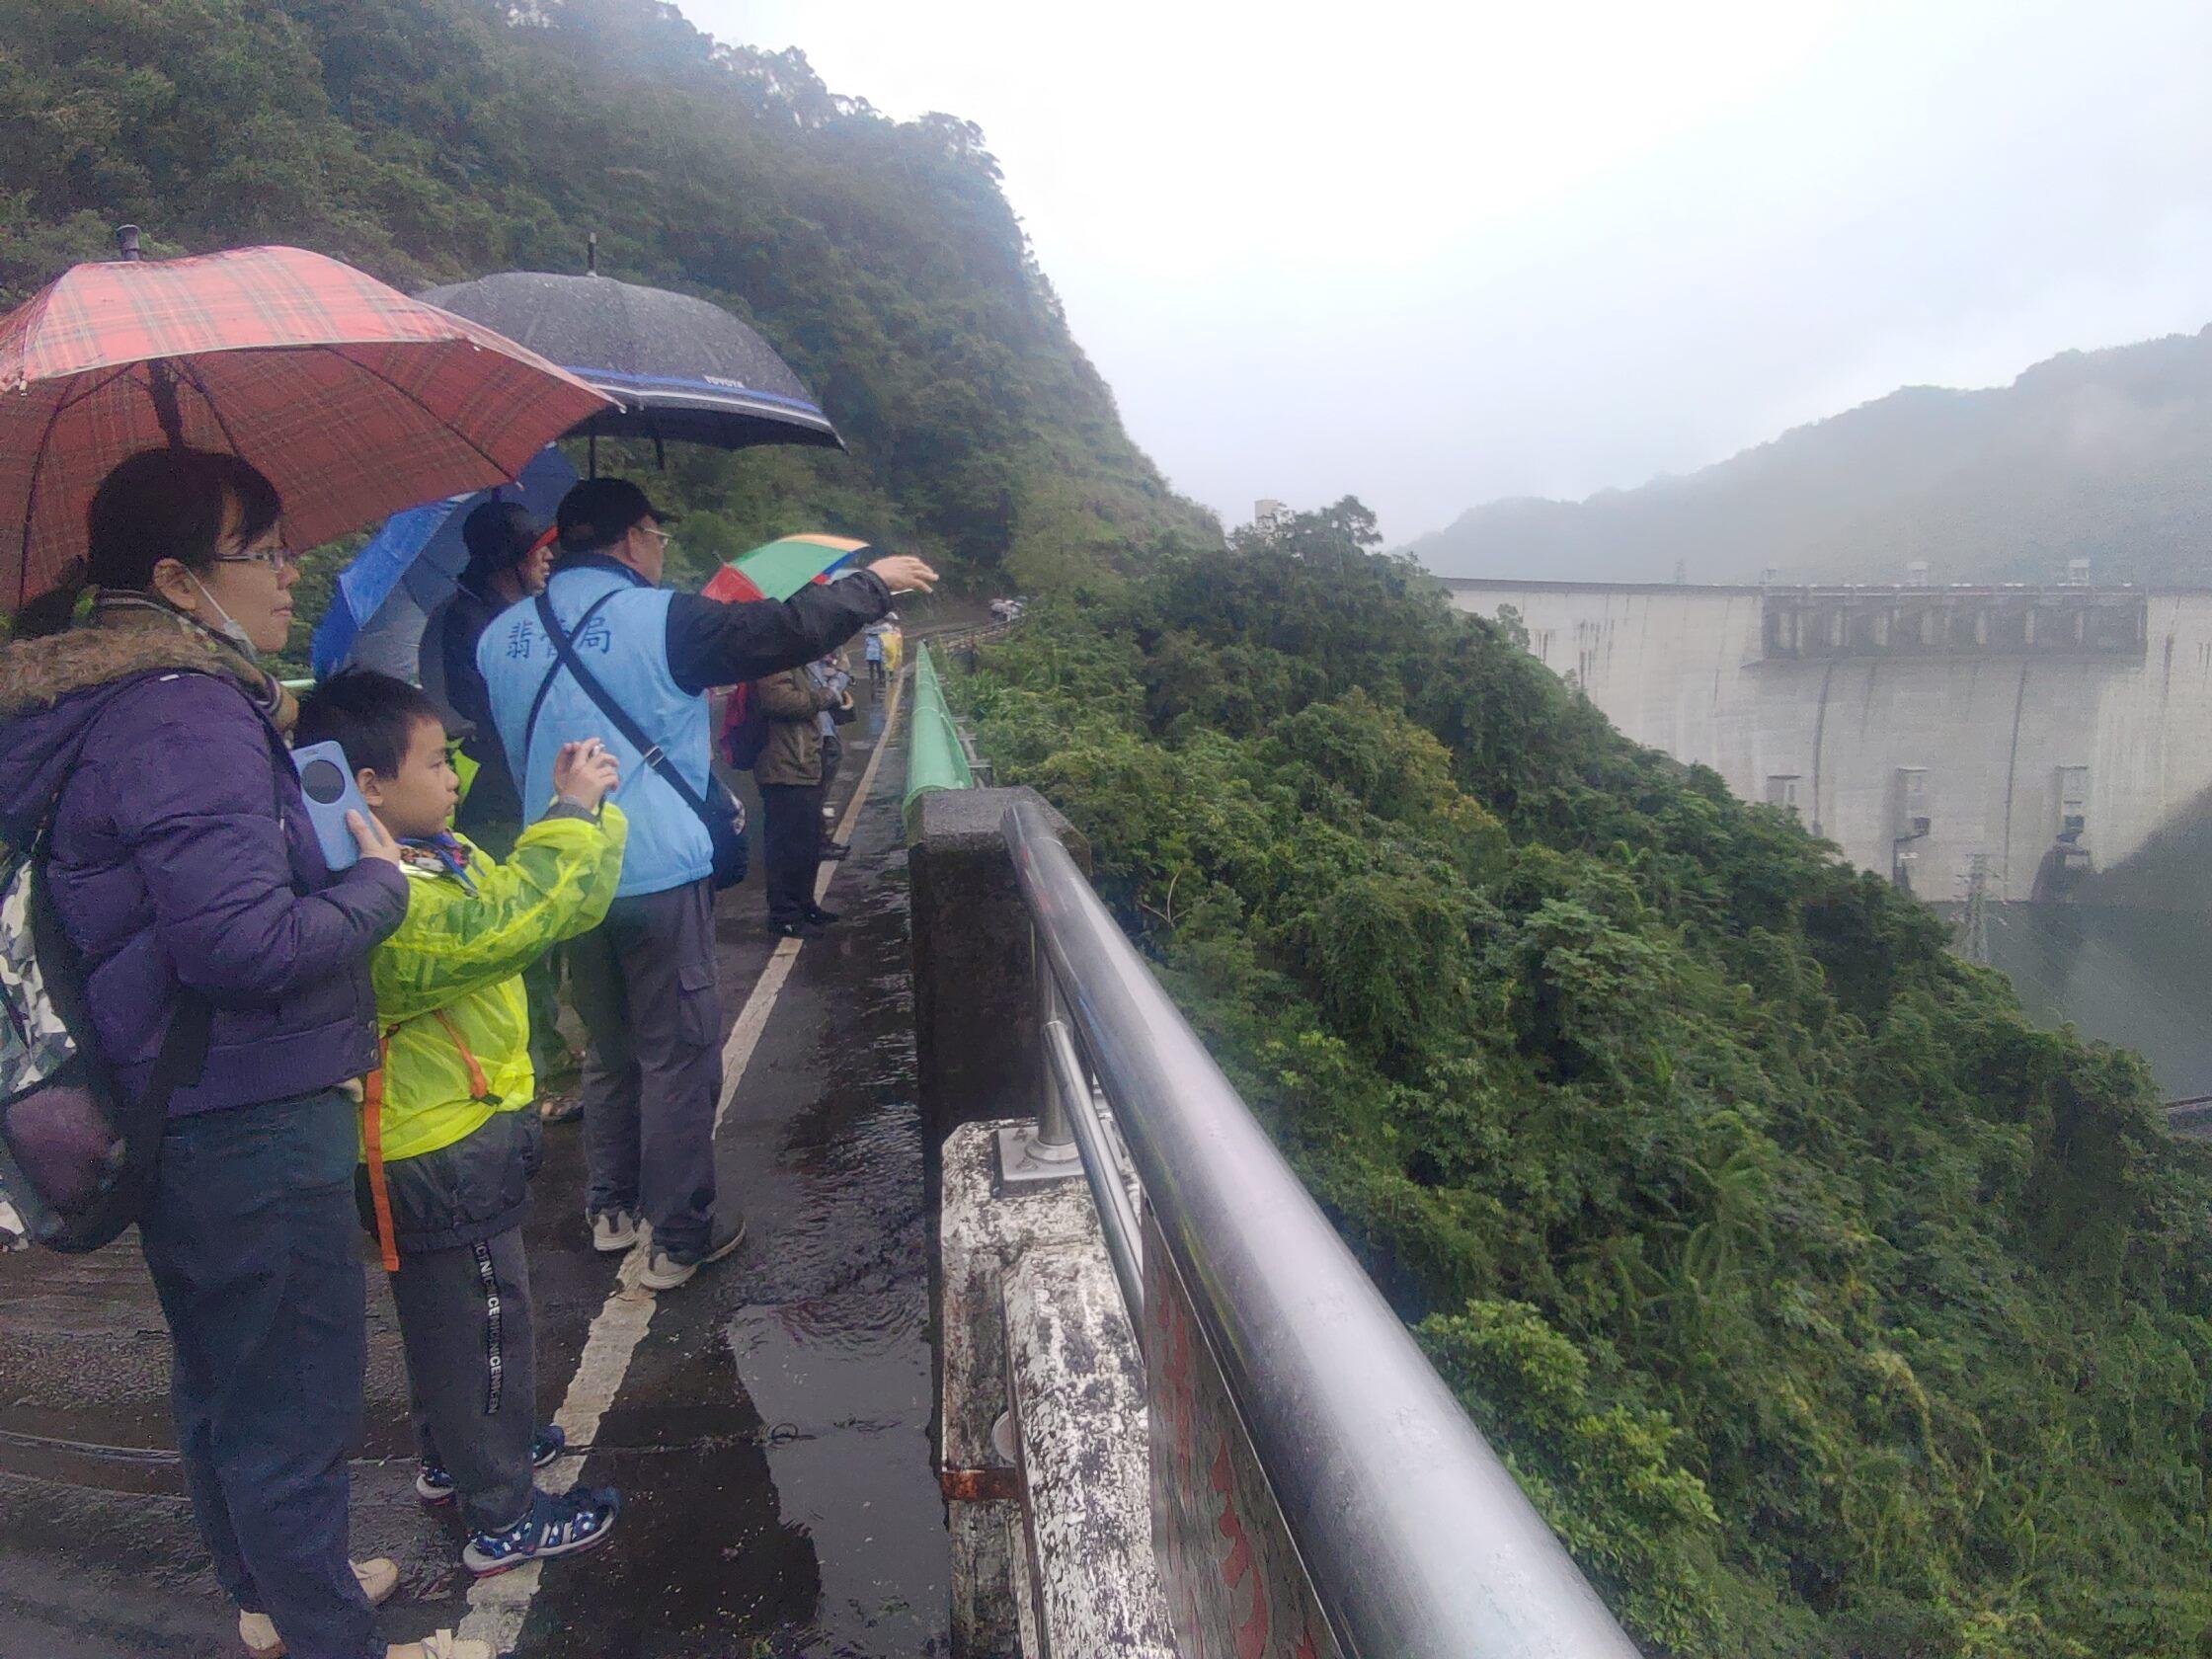 圖片說明:志工老師沿途為民眾解說水庫景色